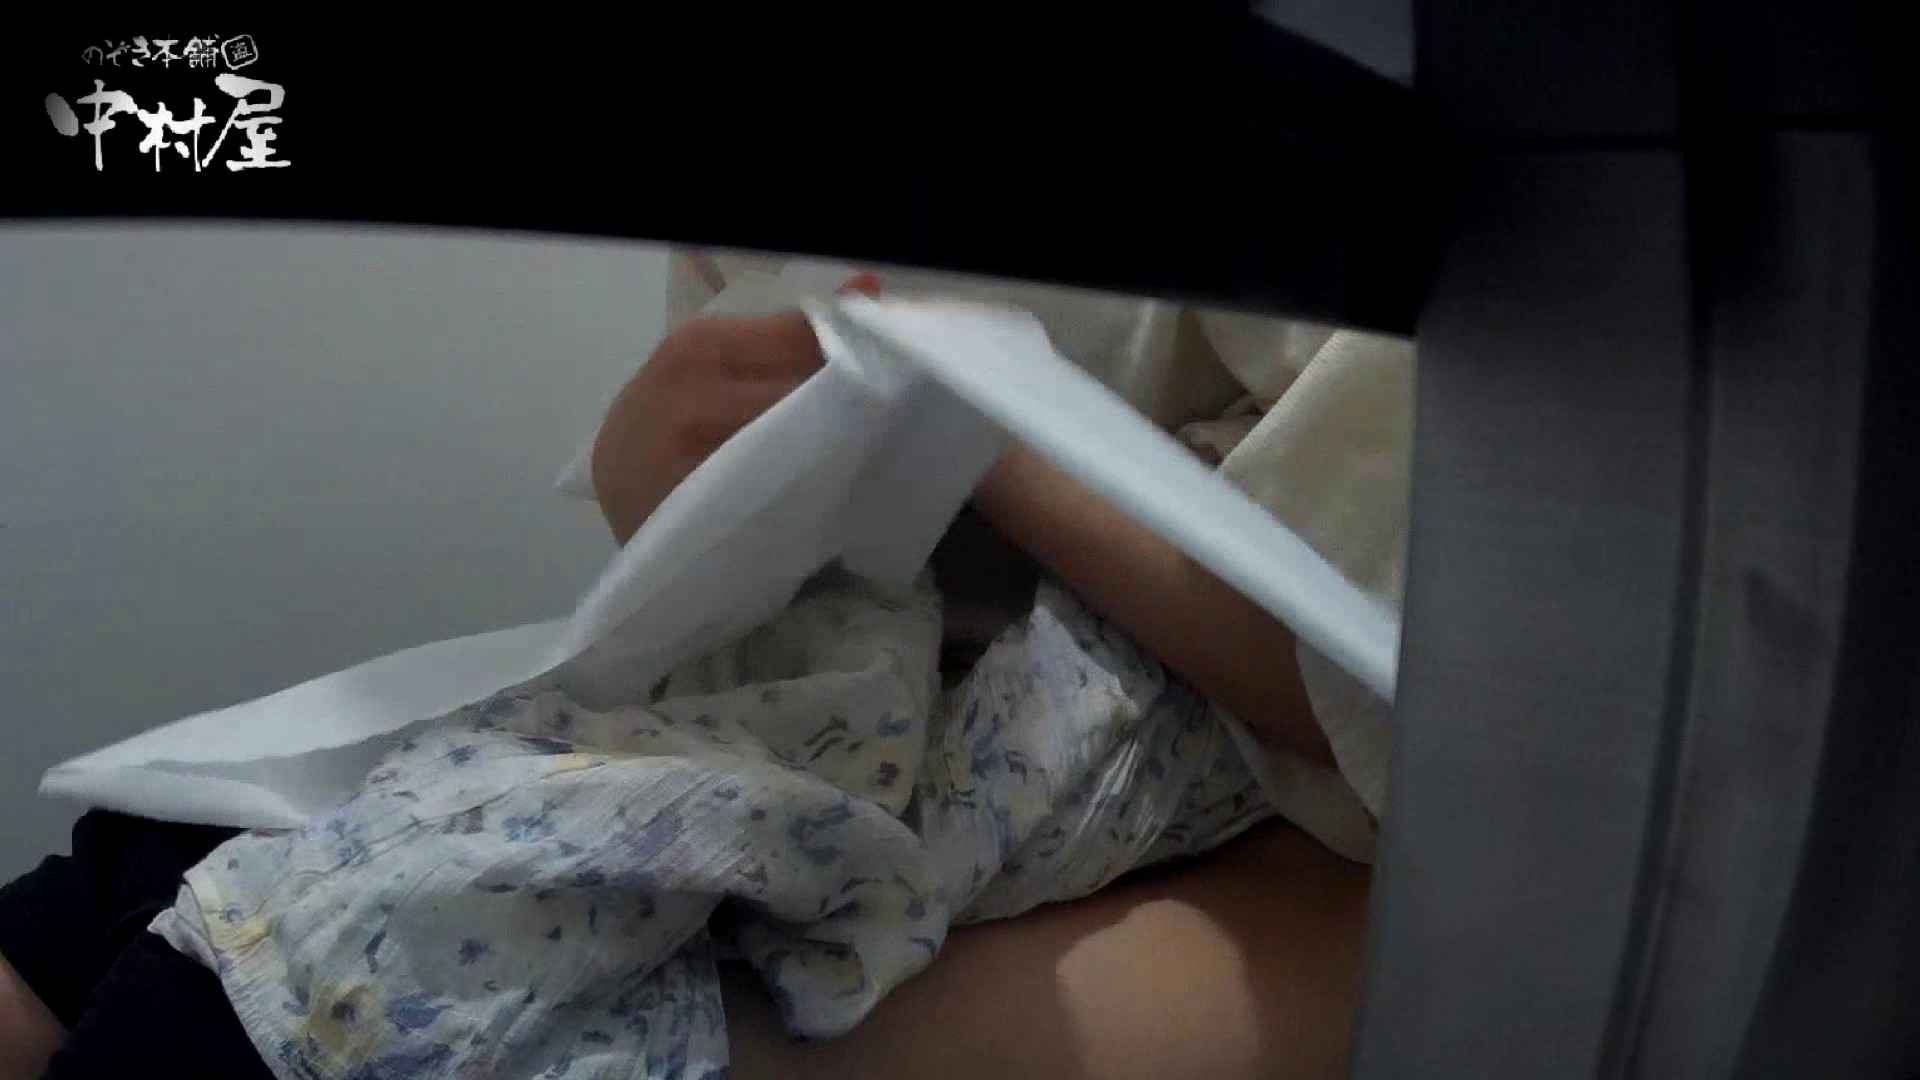 【某有名大学女性洗面所】有名大学女性洗面所 vol.40 ??おまじない的な動きをする子がいます。 潜入突撃 おまんこ無修正動画無料 91pic 62